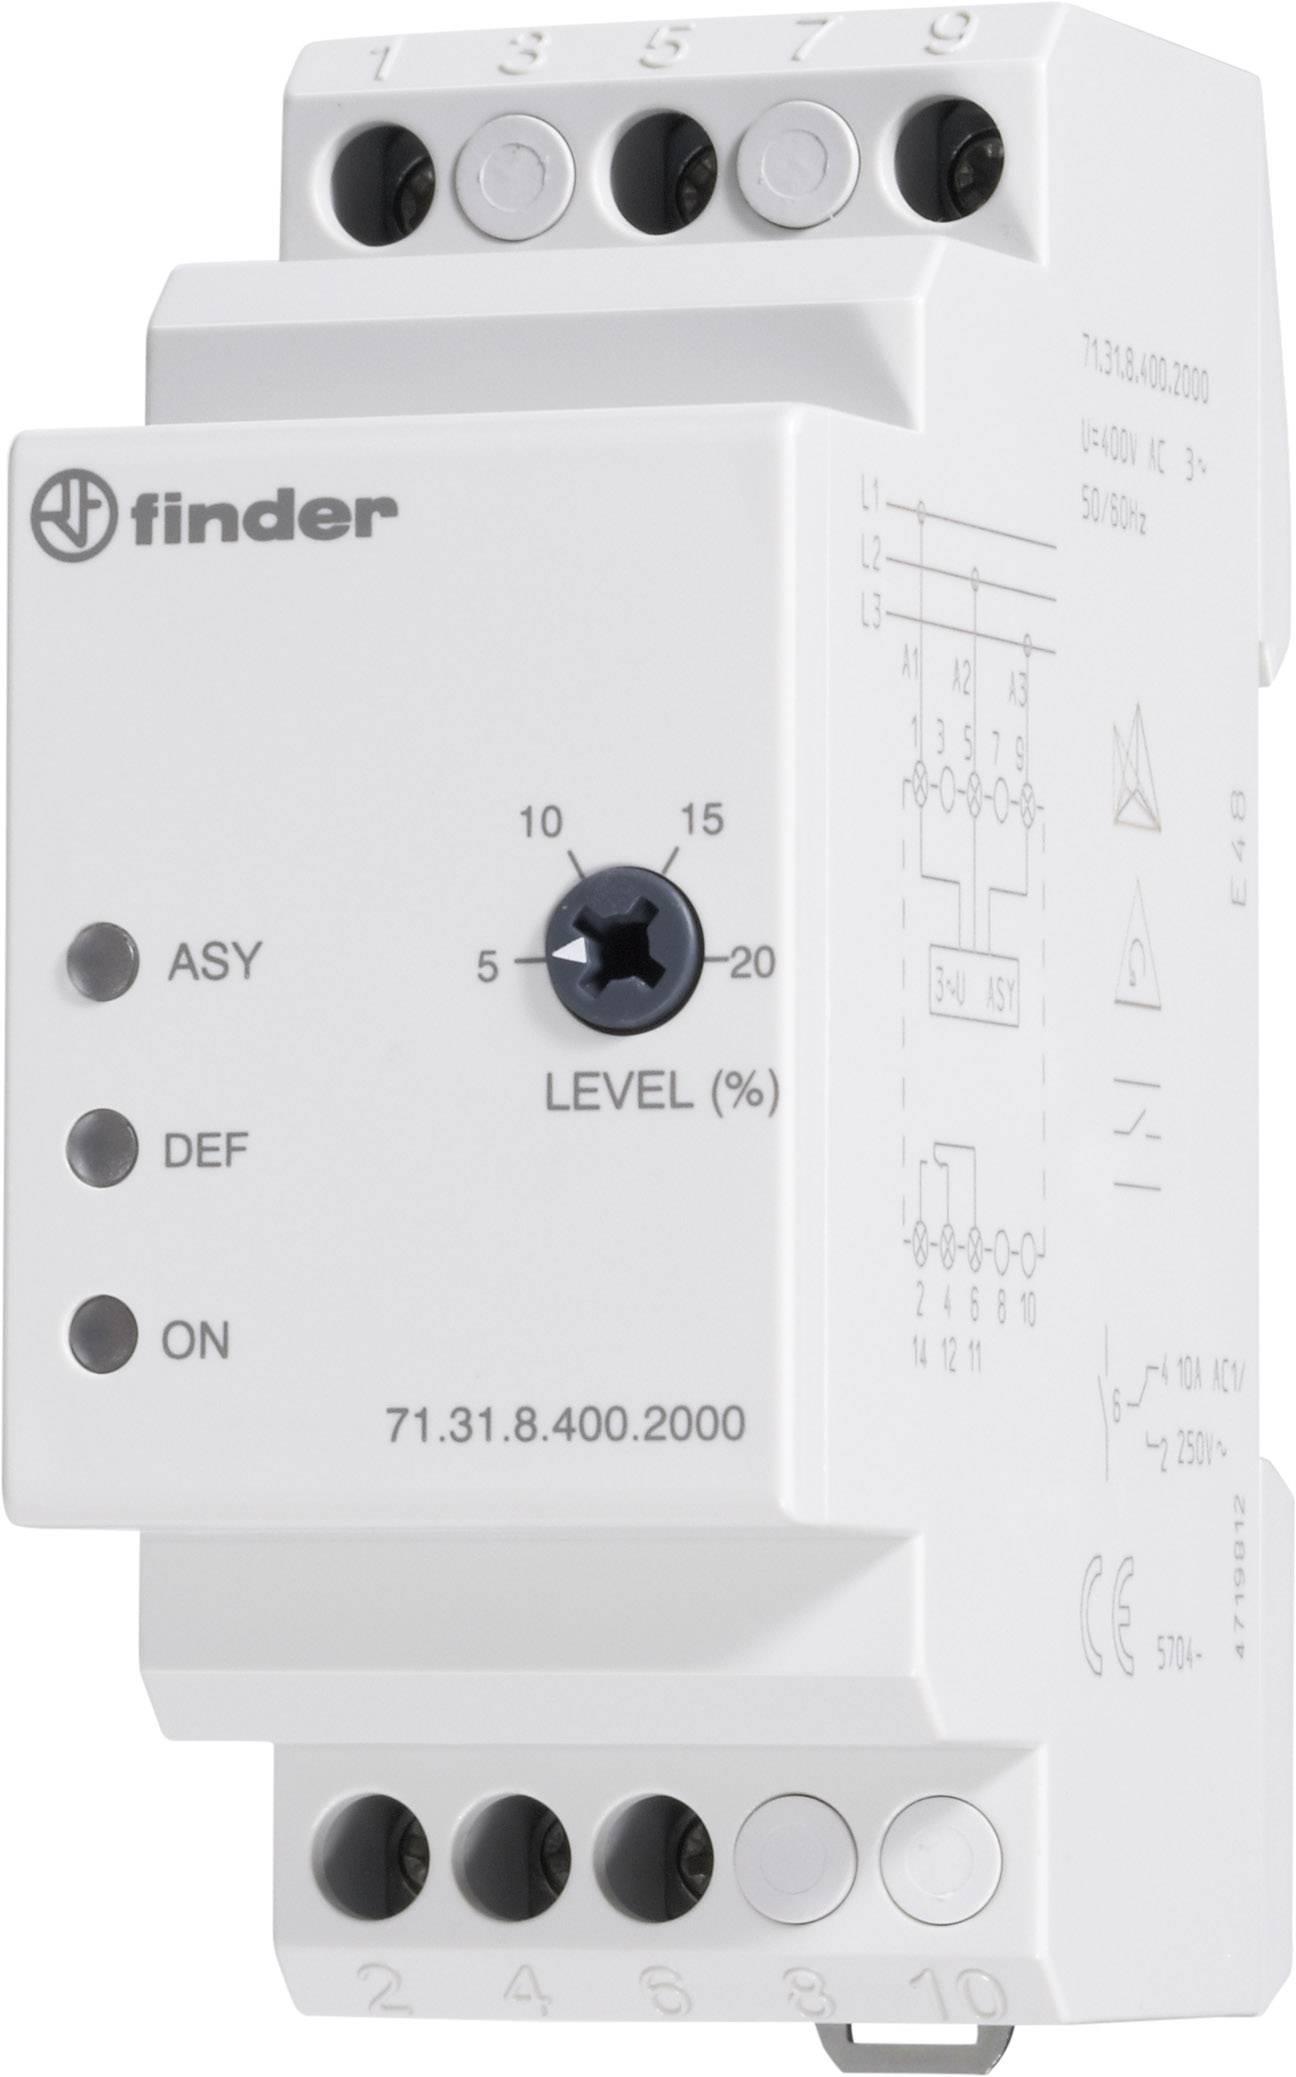 Monitorovací relé Finder 71.31.8.400.2000